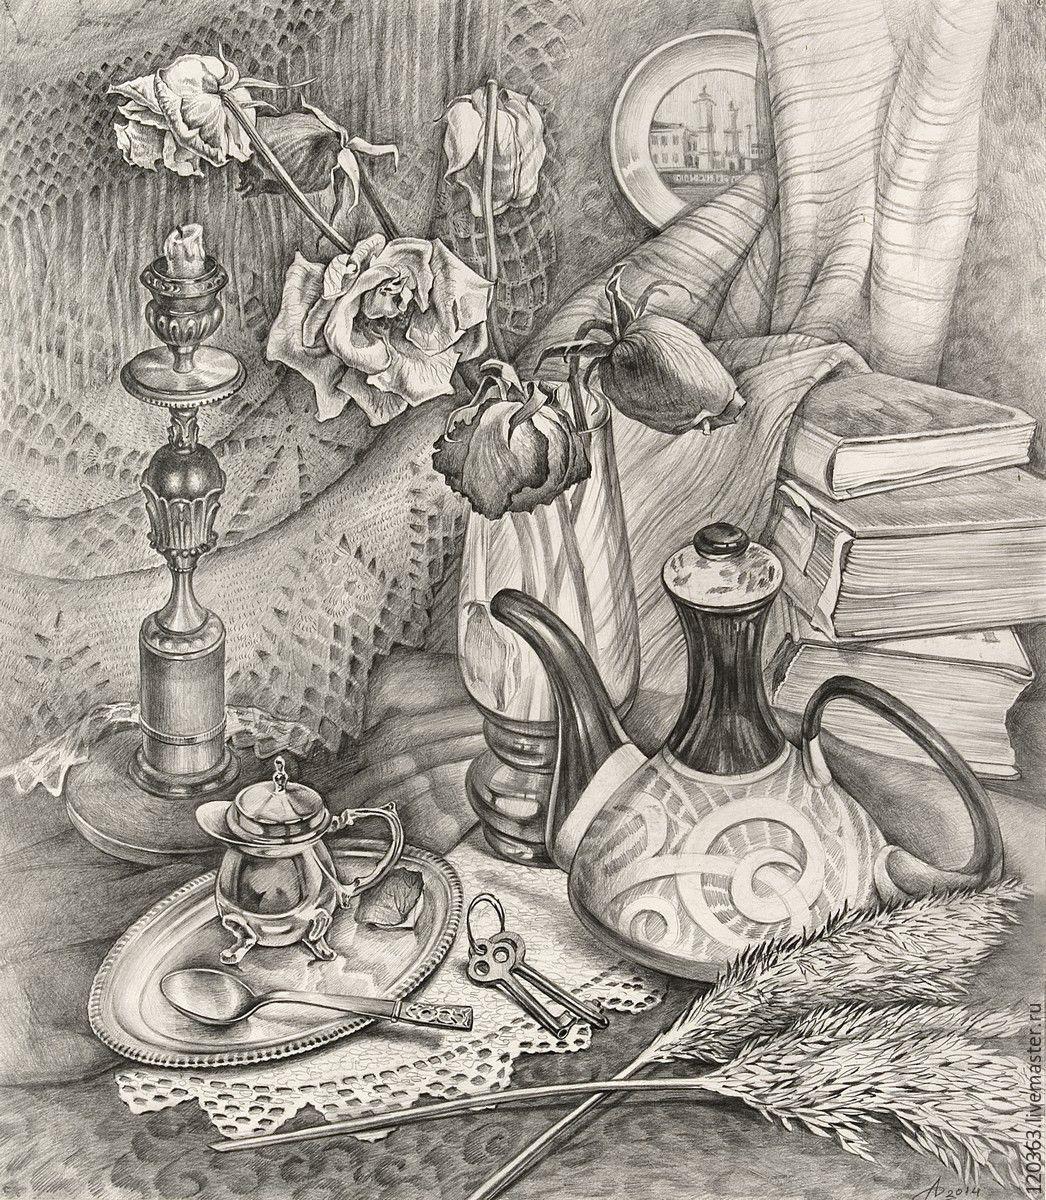 """Натюрморт ручной работы. Ярмарка Мастеров - ручная работа. Купить """"Натюрморт с розами"""". Handmade. Карандаш, на память, картина с цветами"""